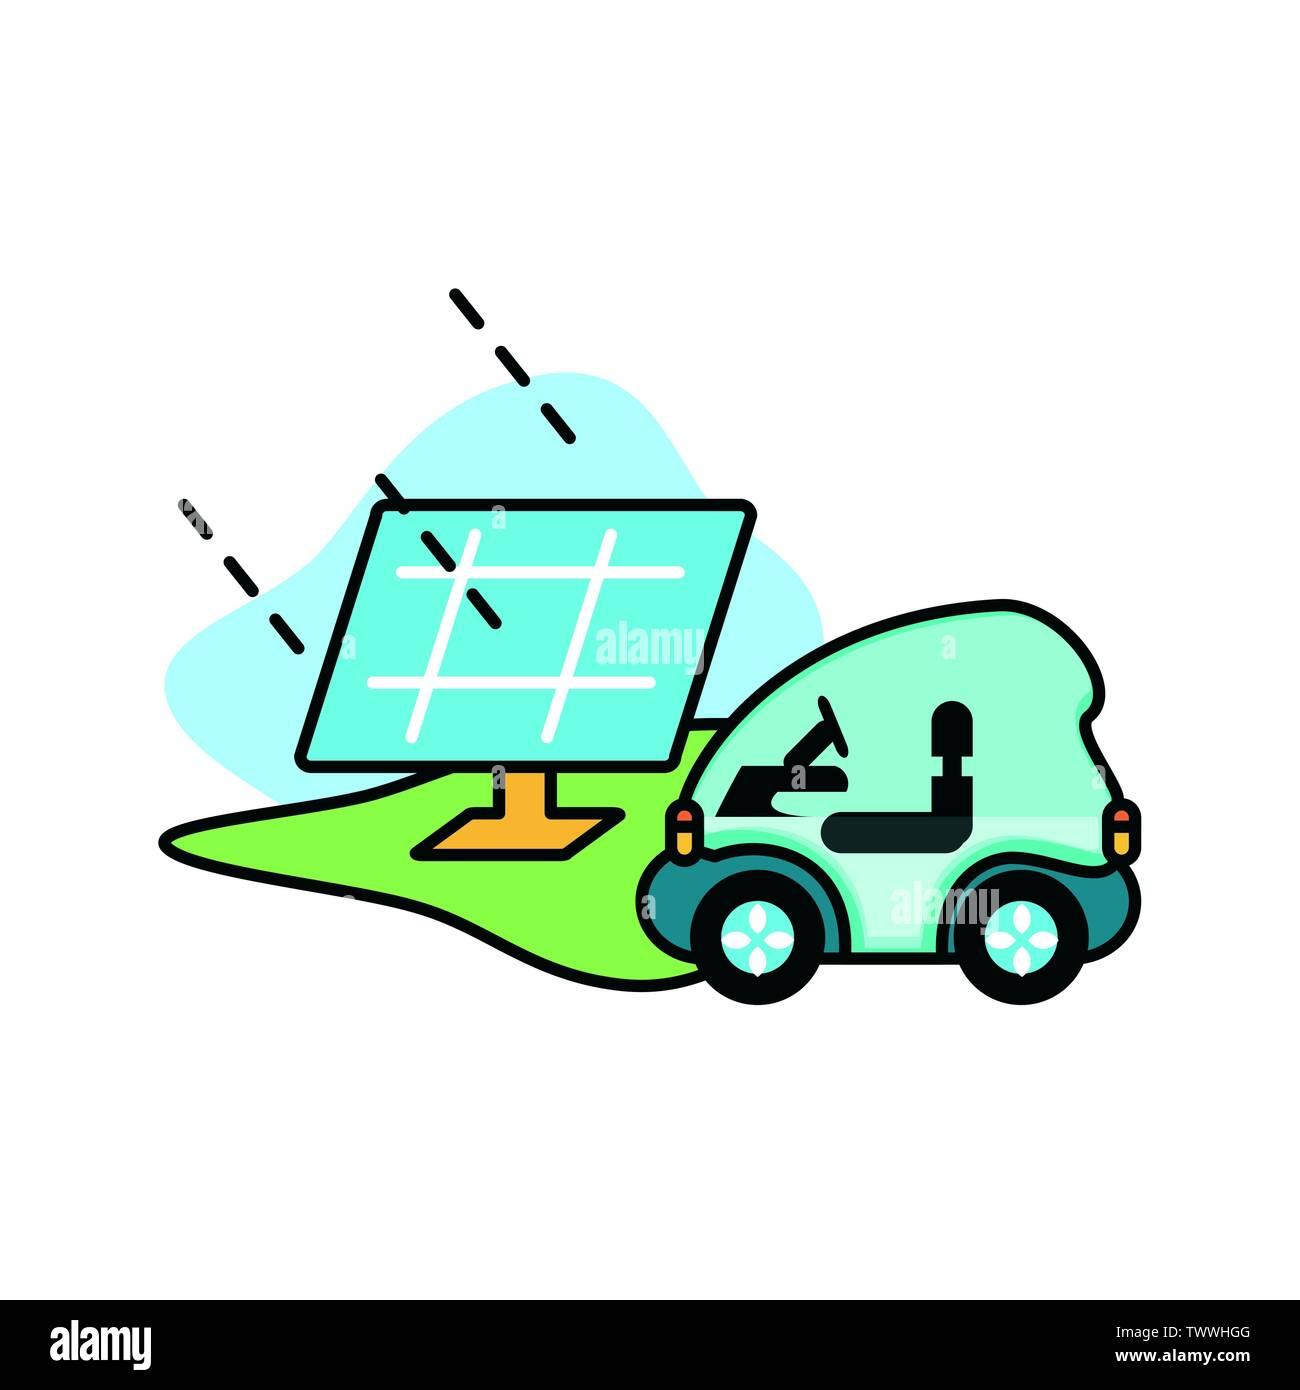 Location et panneau solaire Design, Eco city sauver la planète penser vert et de recyclage thème Vector illustration Photo Stock